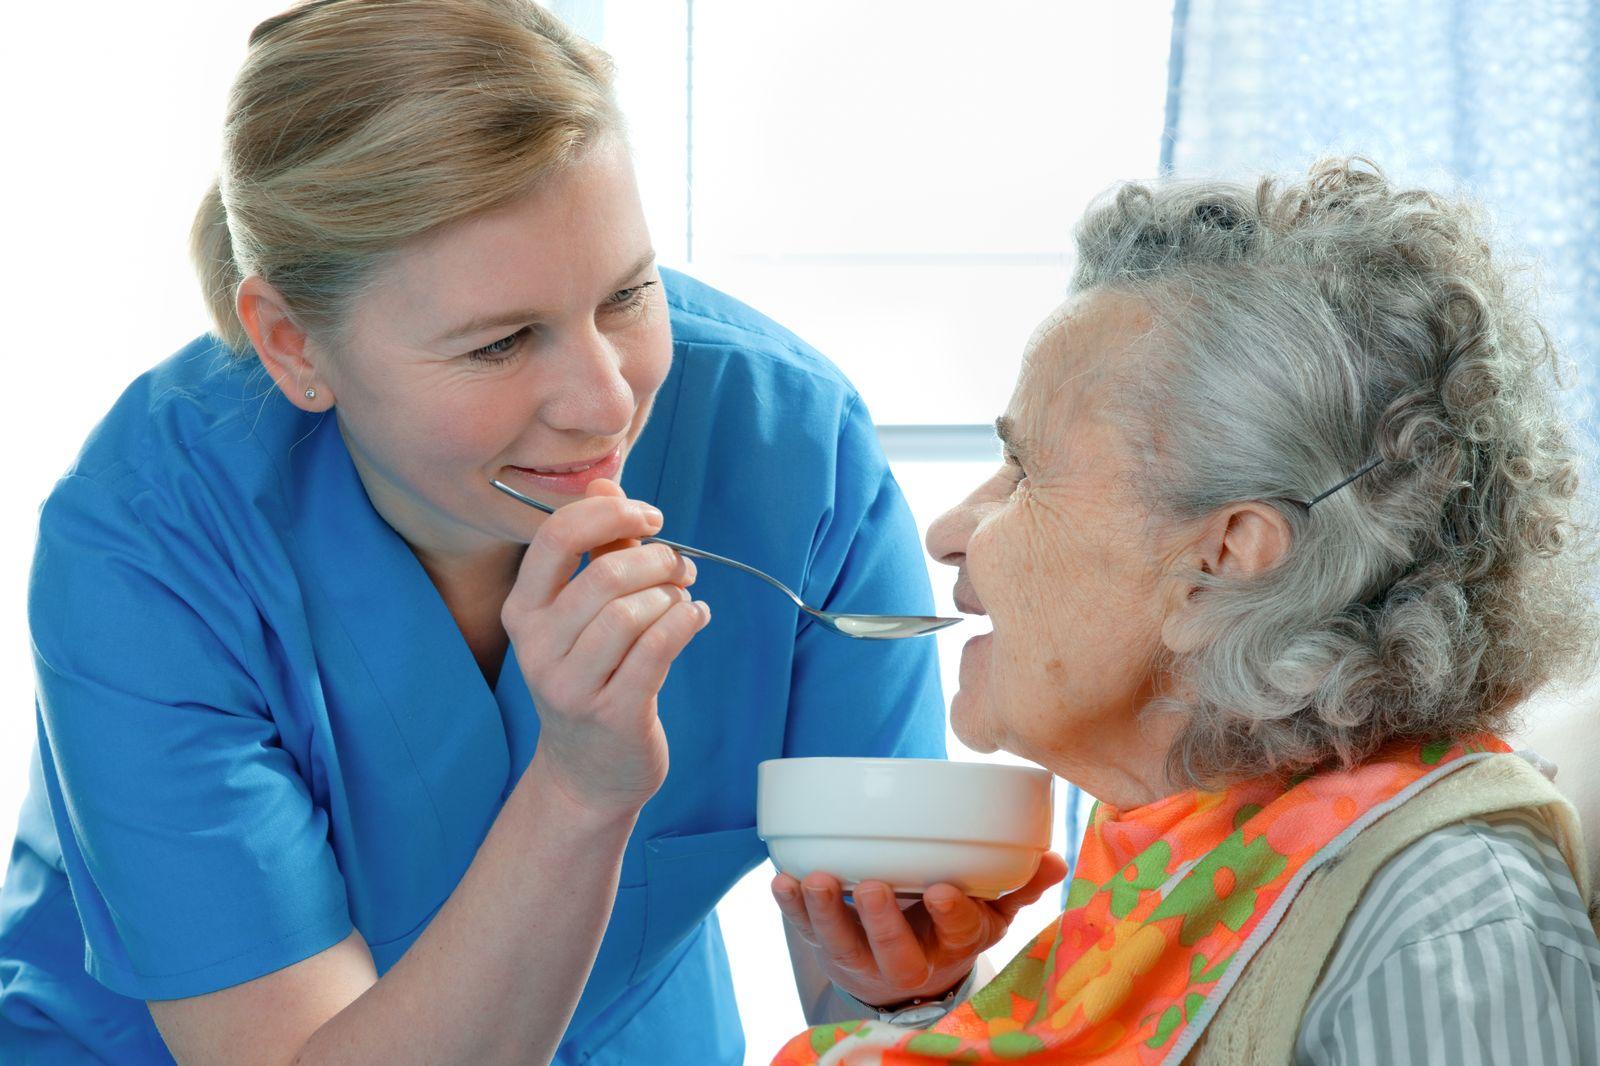 восстановление после перелома шейки бедра в пожилом возрасте